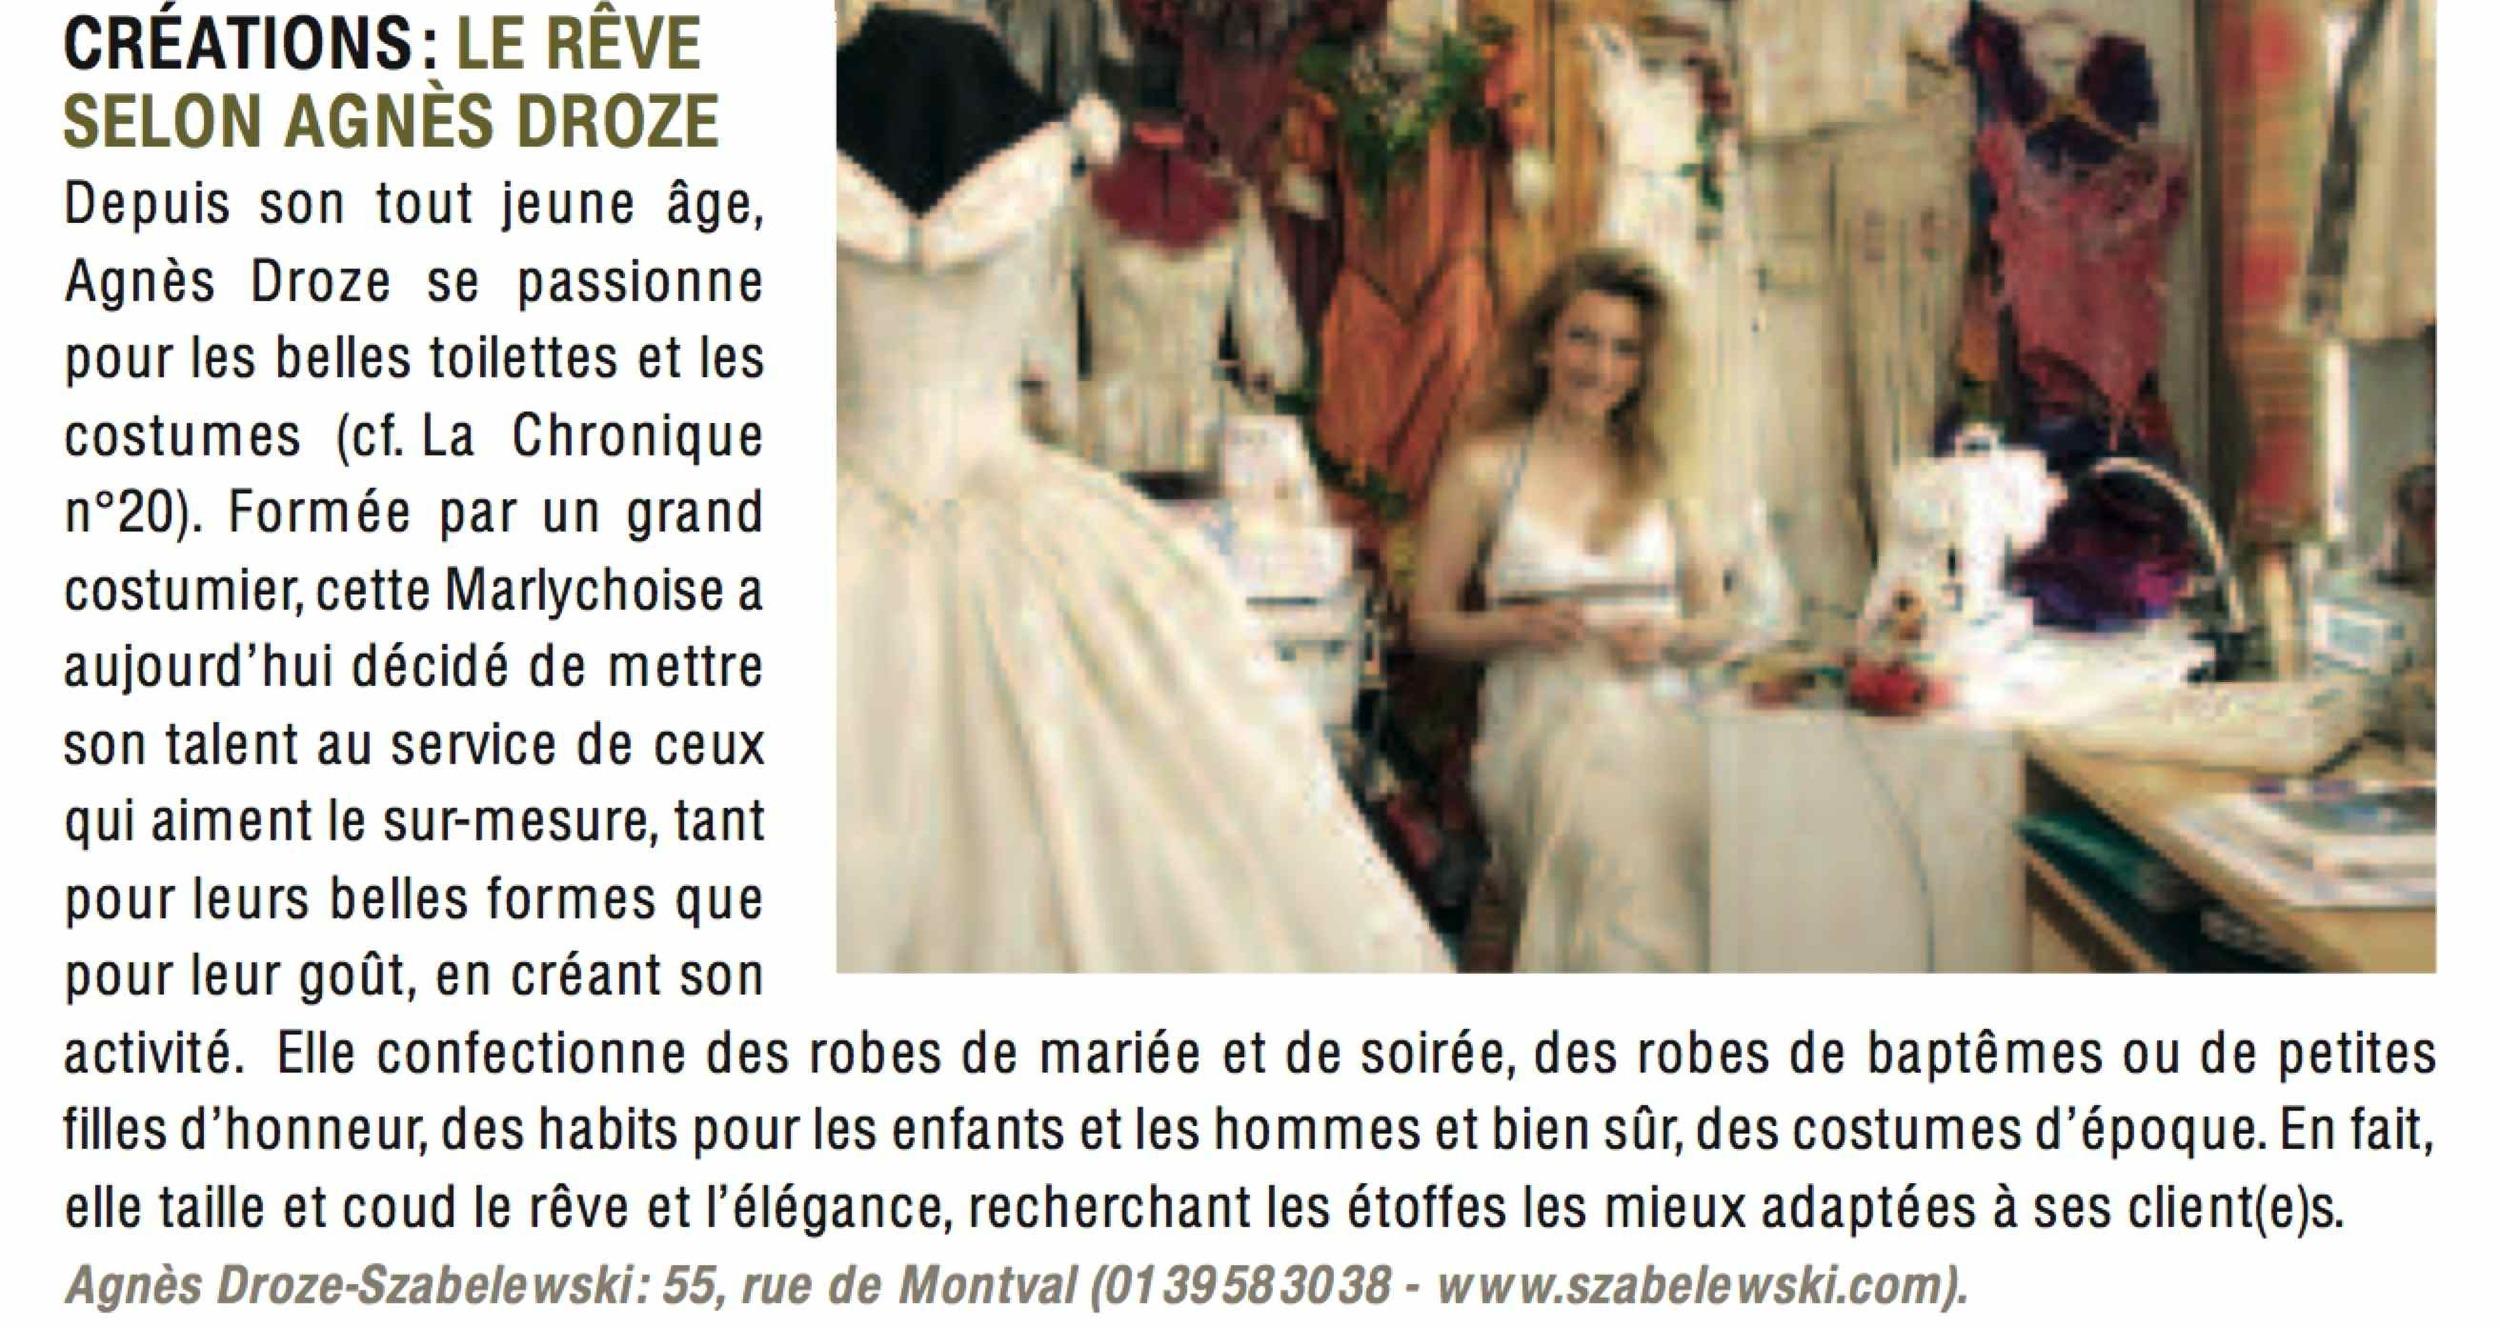 Article chroique.jpg